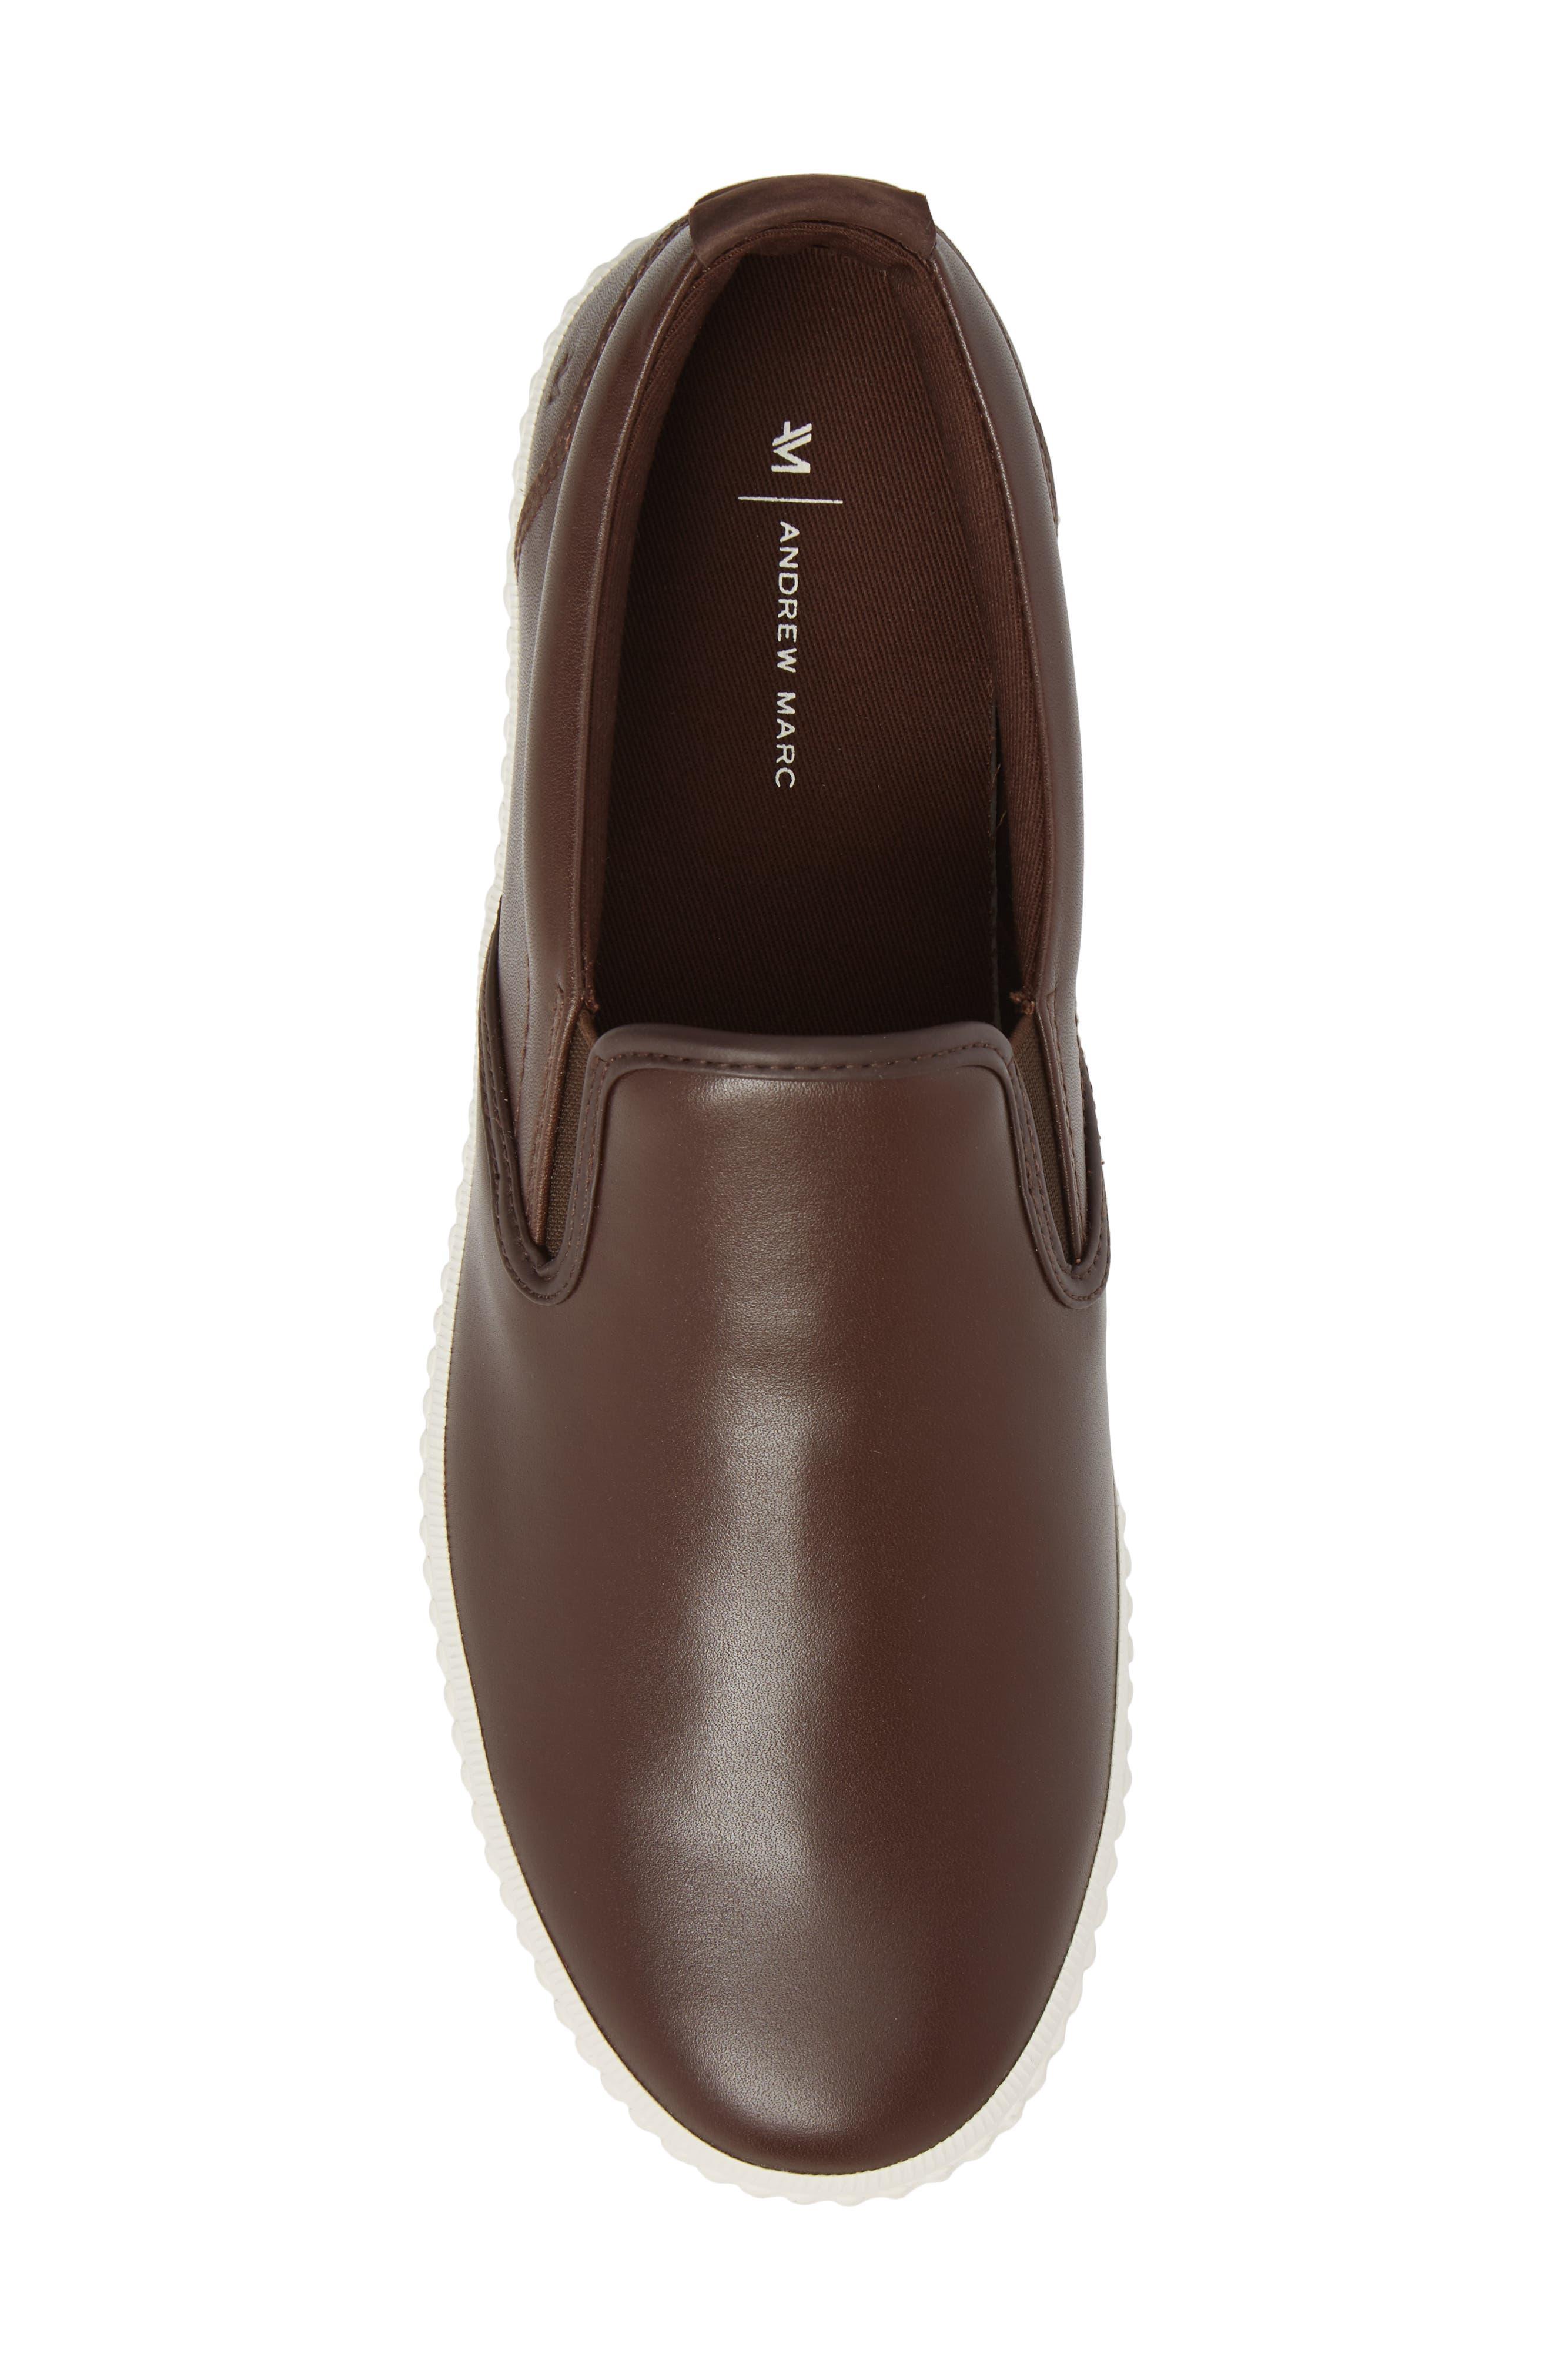 Riverside Slip-On Sneaker,                             Alternate thumbnail 5, color,                             Brown/ Off White Leather